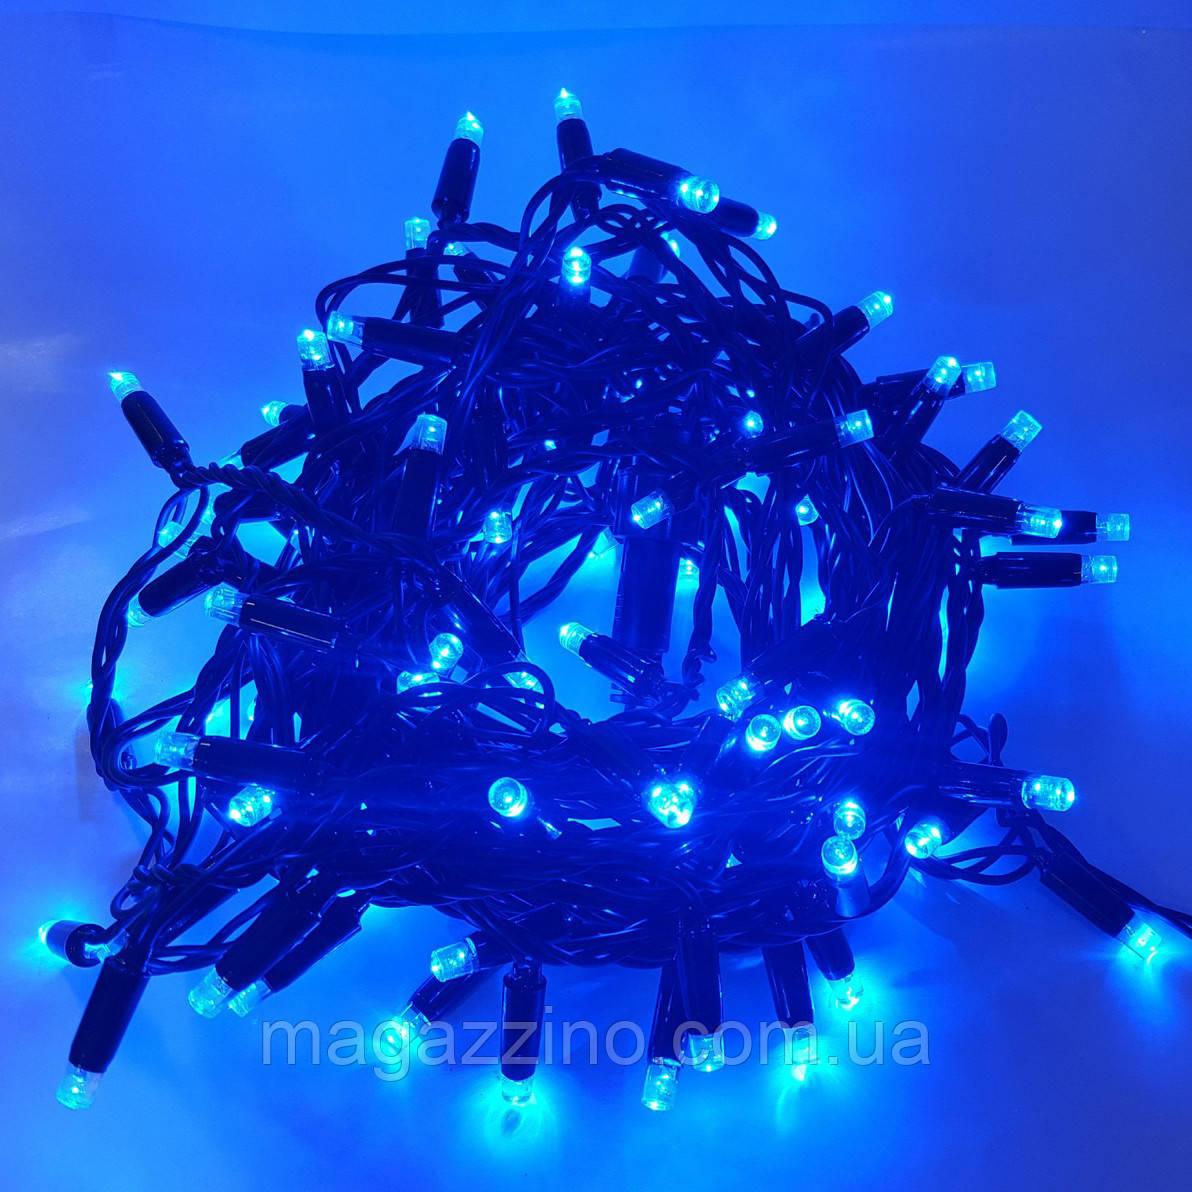 Гирлянда нить светодиодная 300 LED, Голубая, черный провод, 14м.